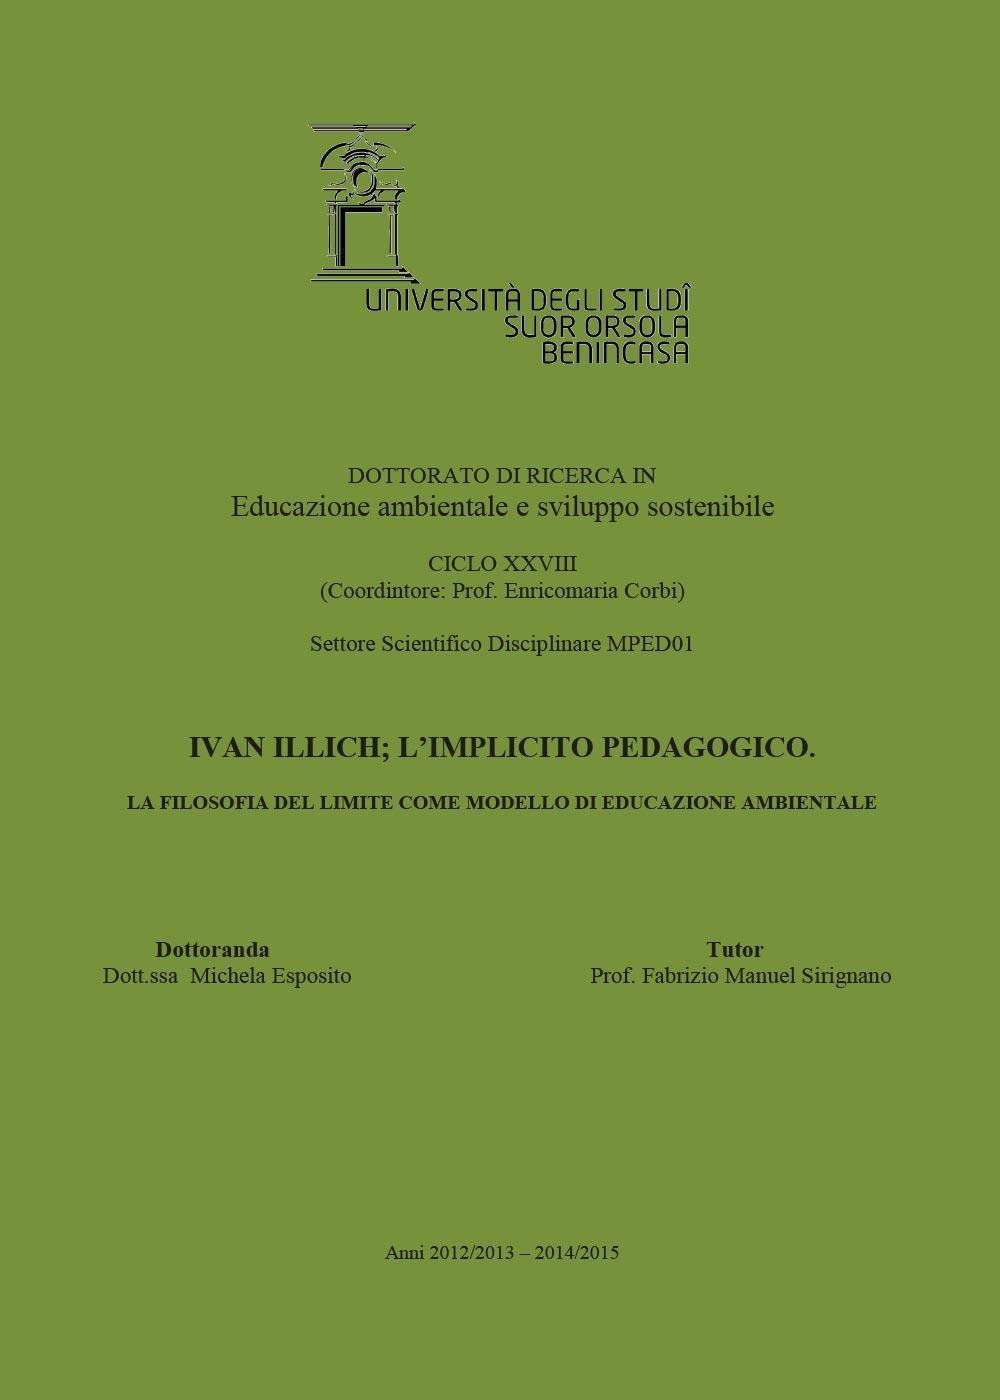 Ivan Illich; l'implicito pedagogico. La filosofia del limite come modello di educazione ambientale